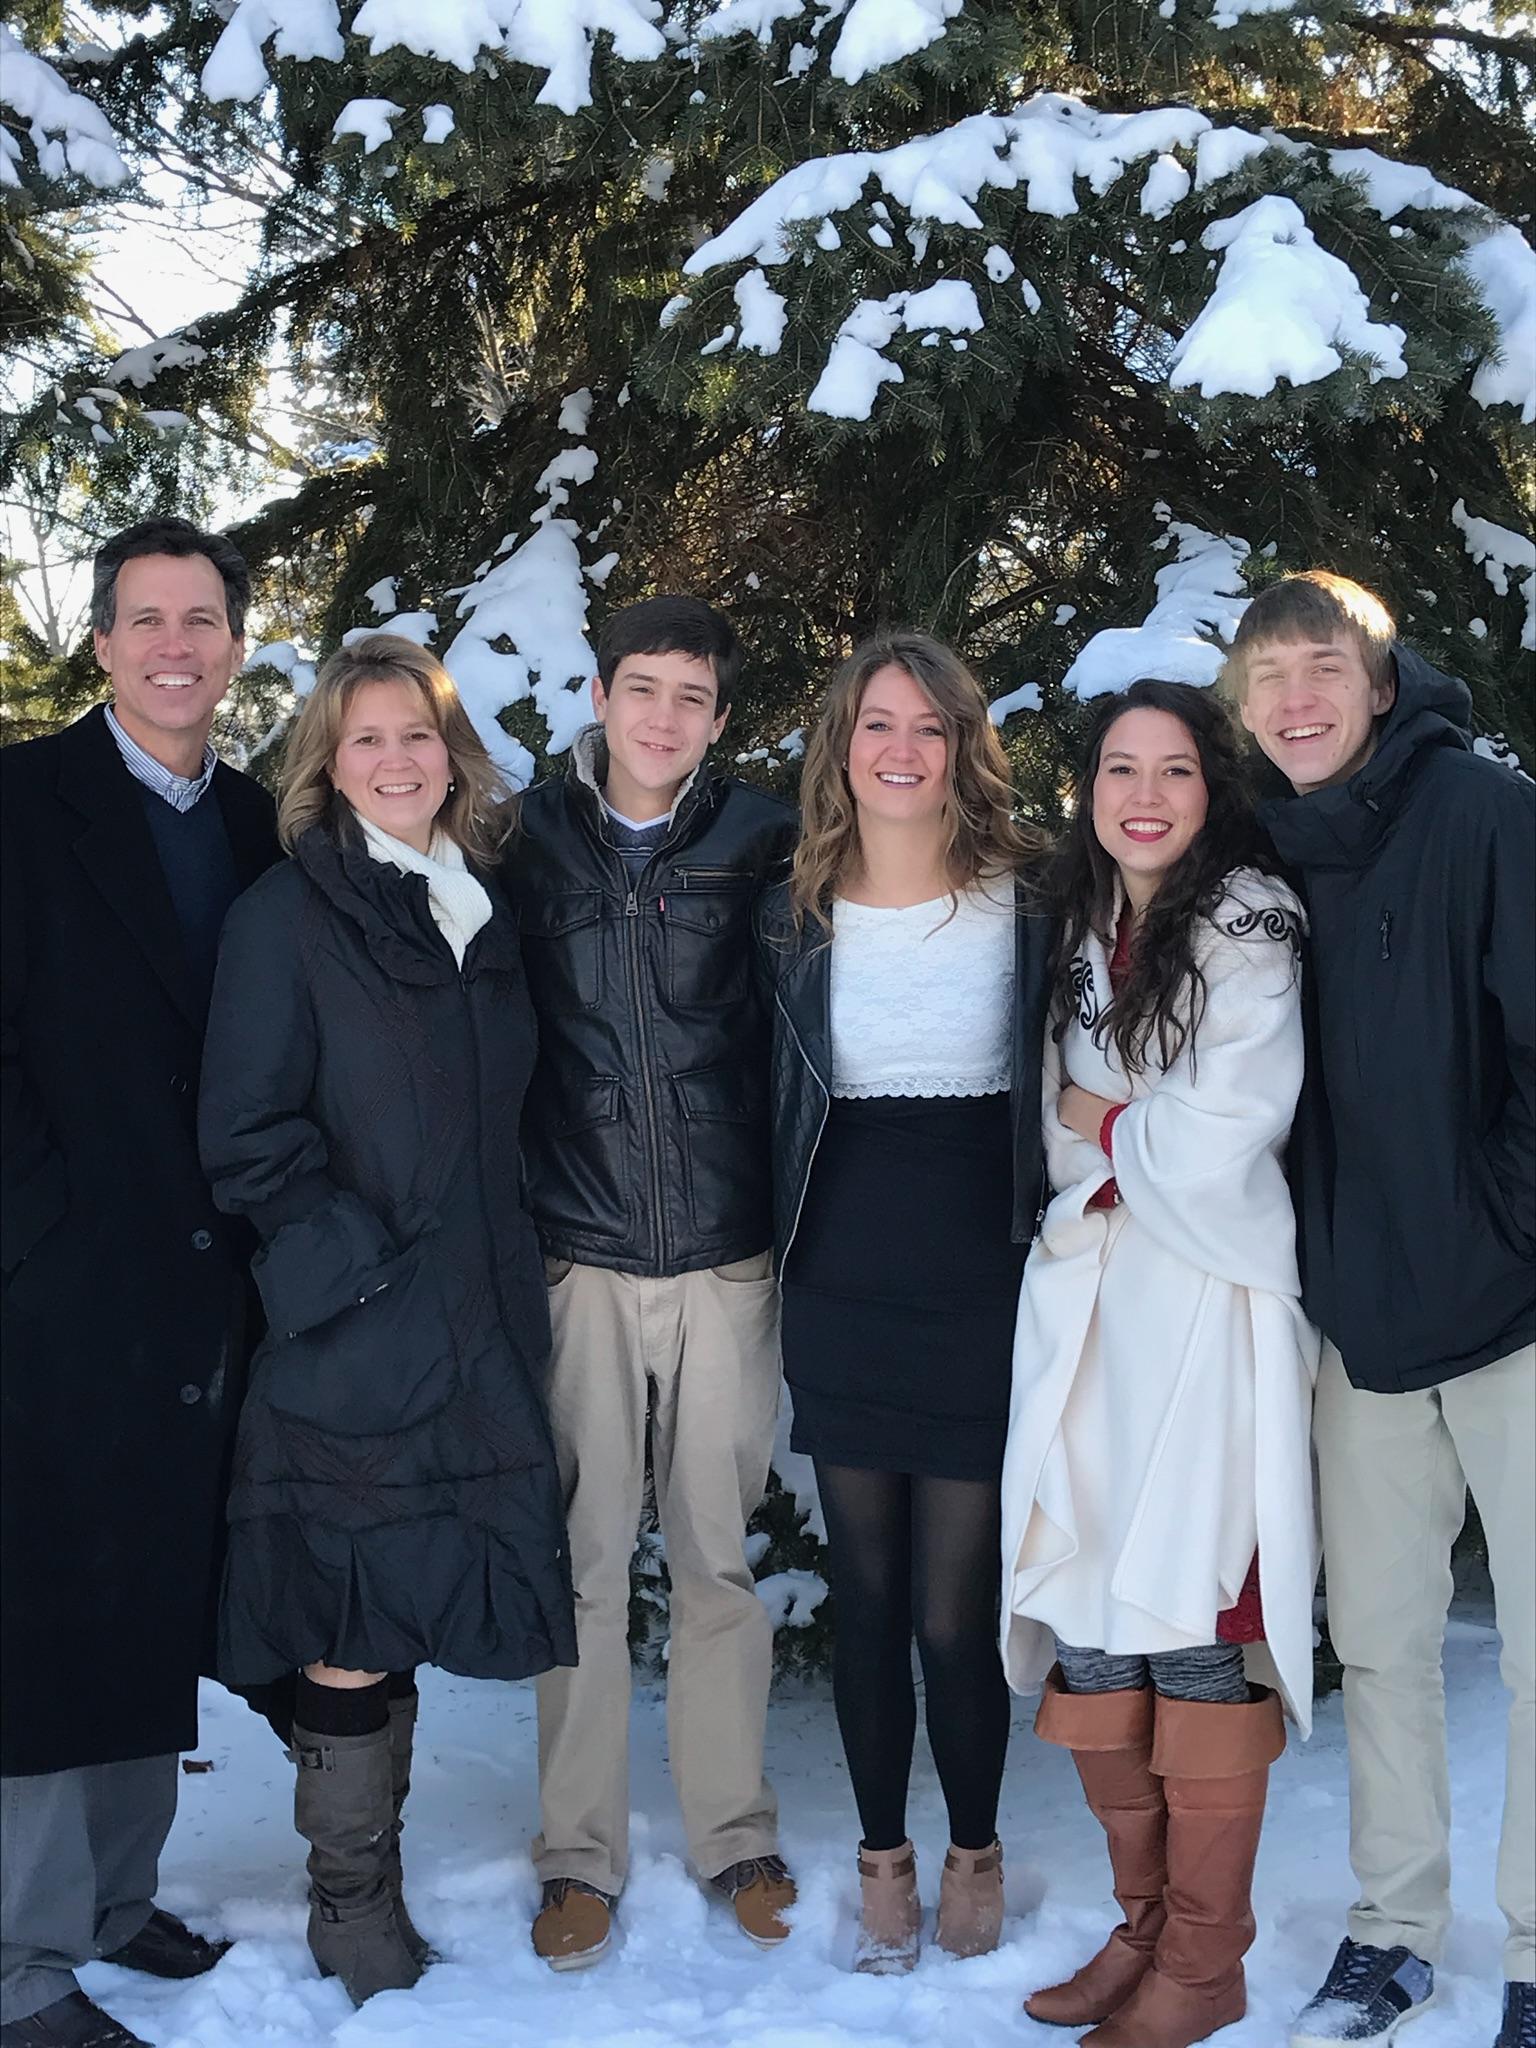 Many Blessings, - From the Stevens Family